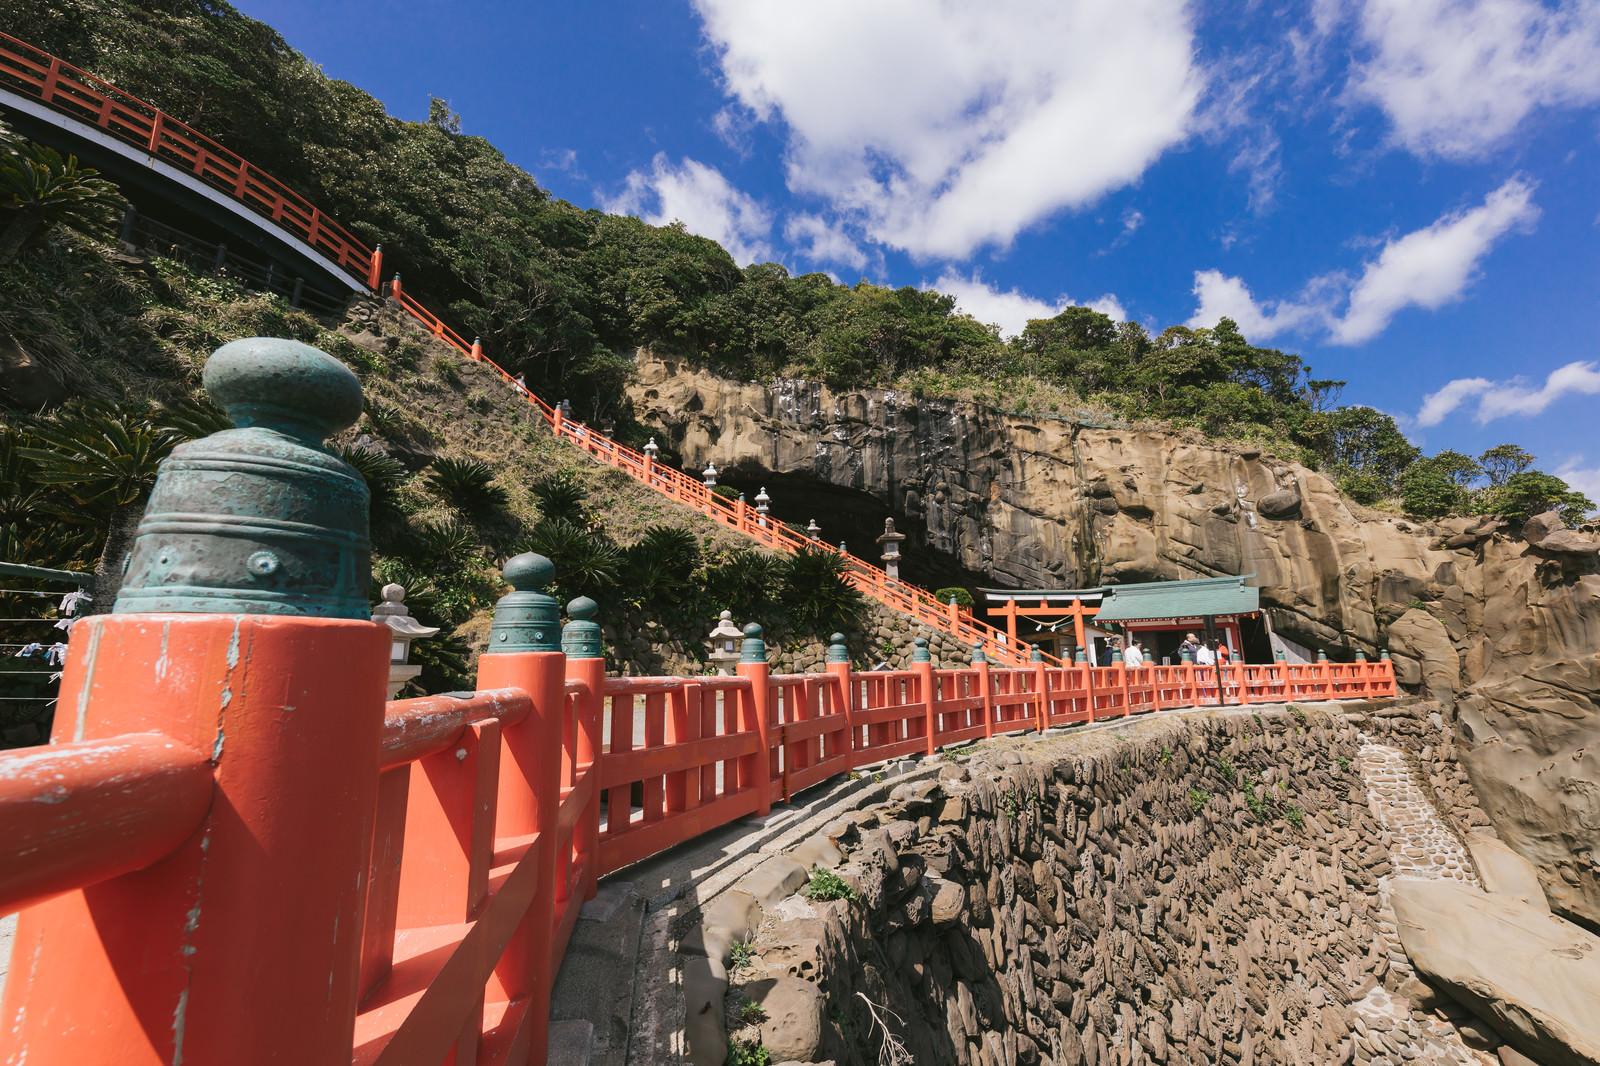 「断崖にある鵜戸神宮と朱塗りの柵(玉垣)」の写真